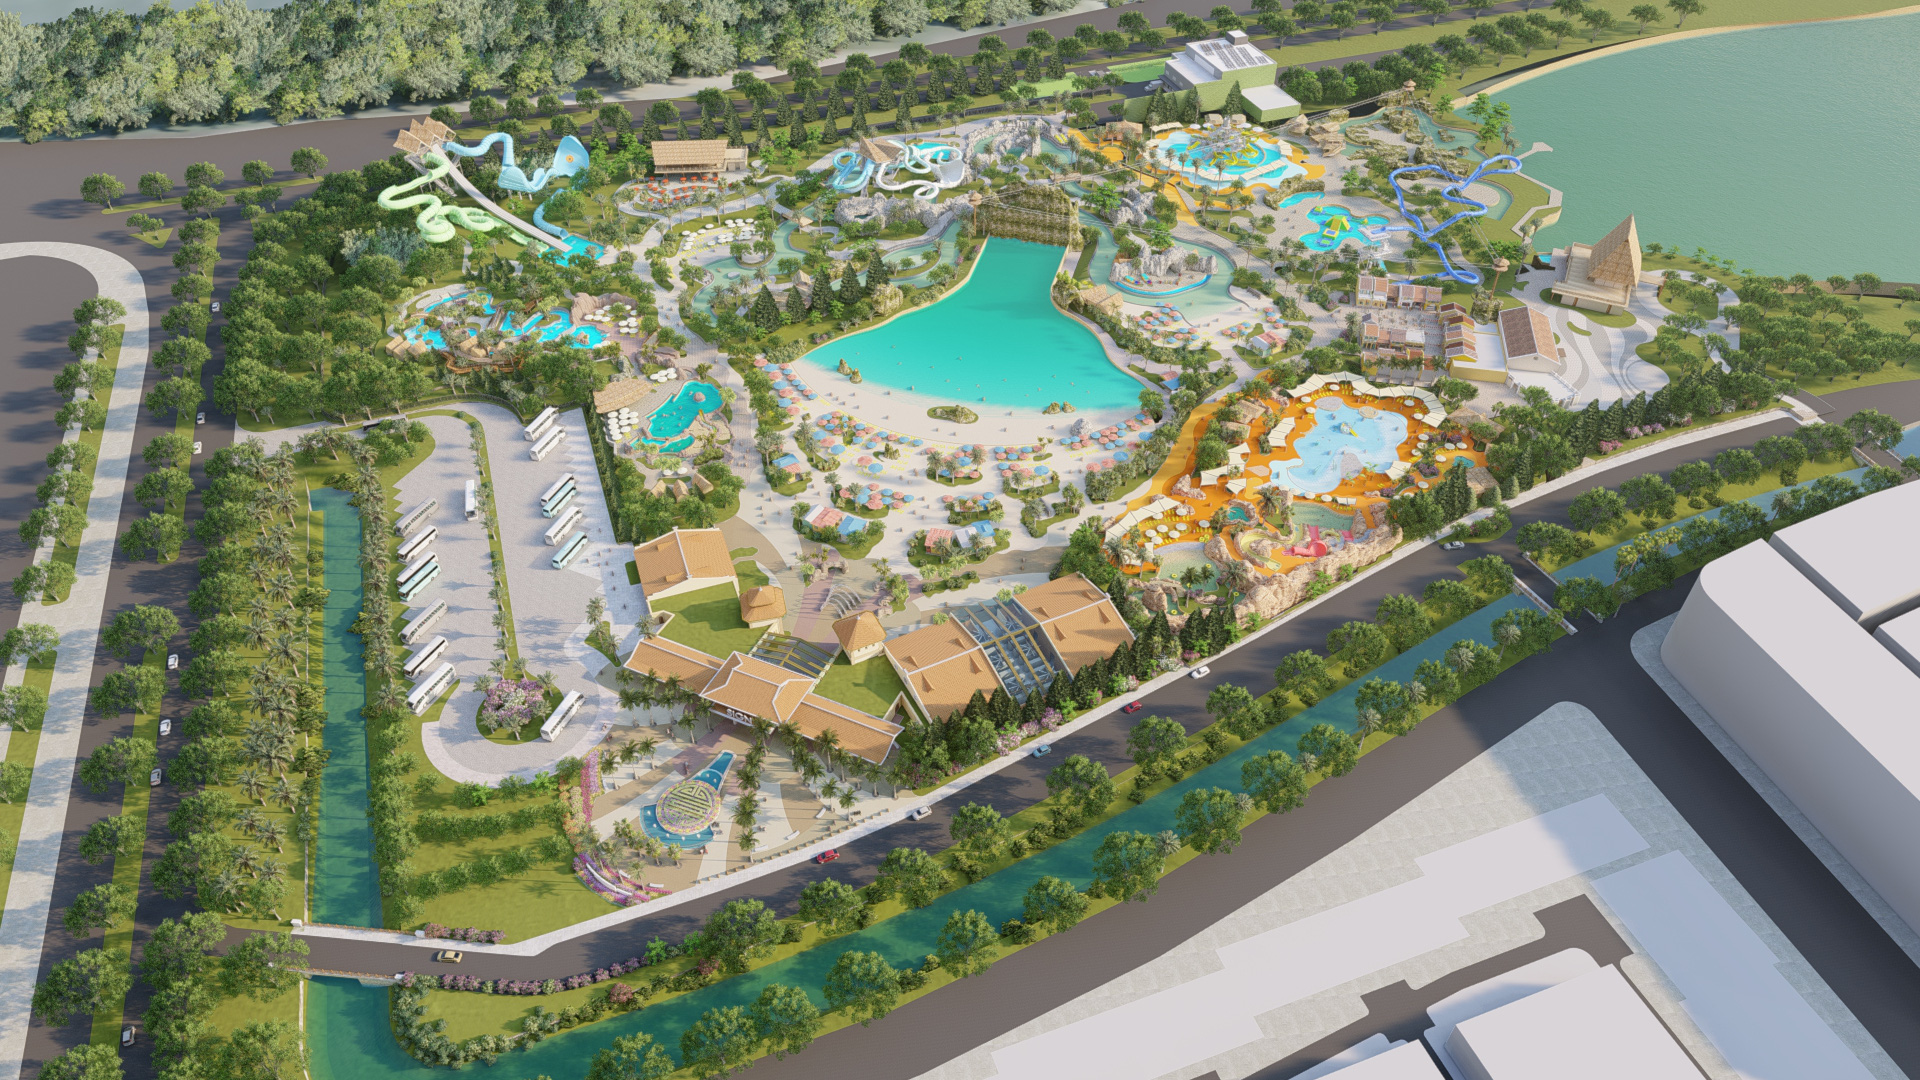 Công viên nước chuẩn quốc tế đầu tiên do Tập đoàn Samsung vận hành tại Phú Quốc - Ảnh 3.